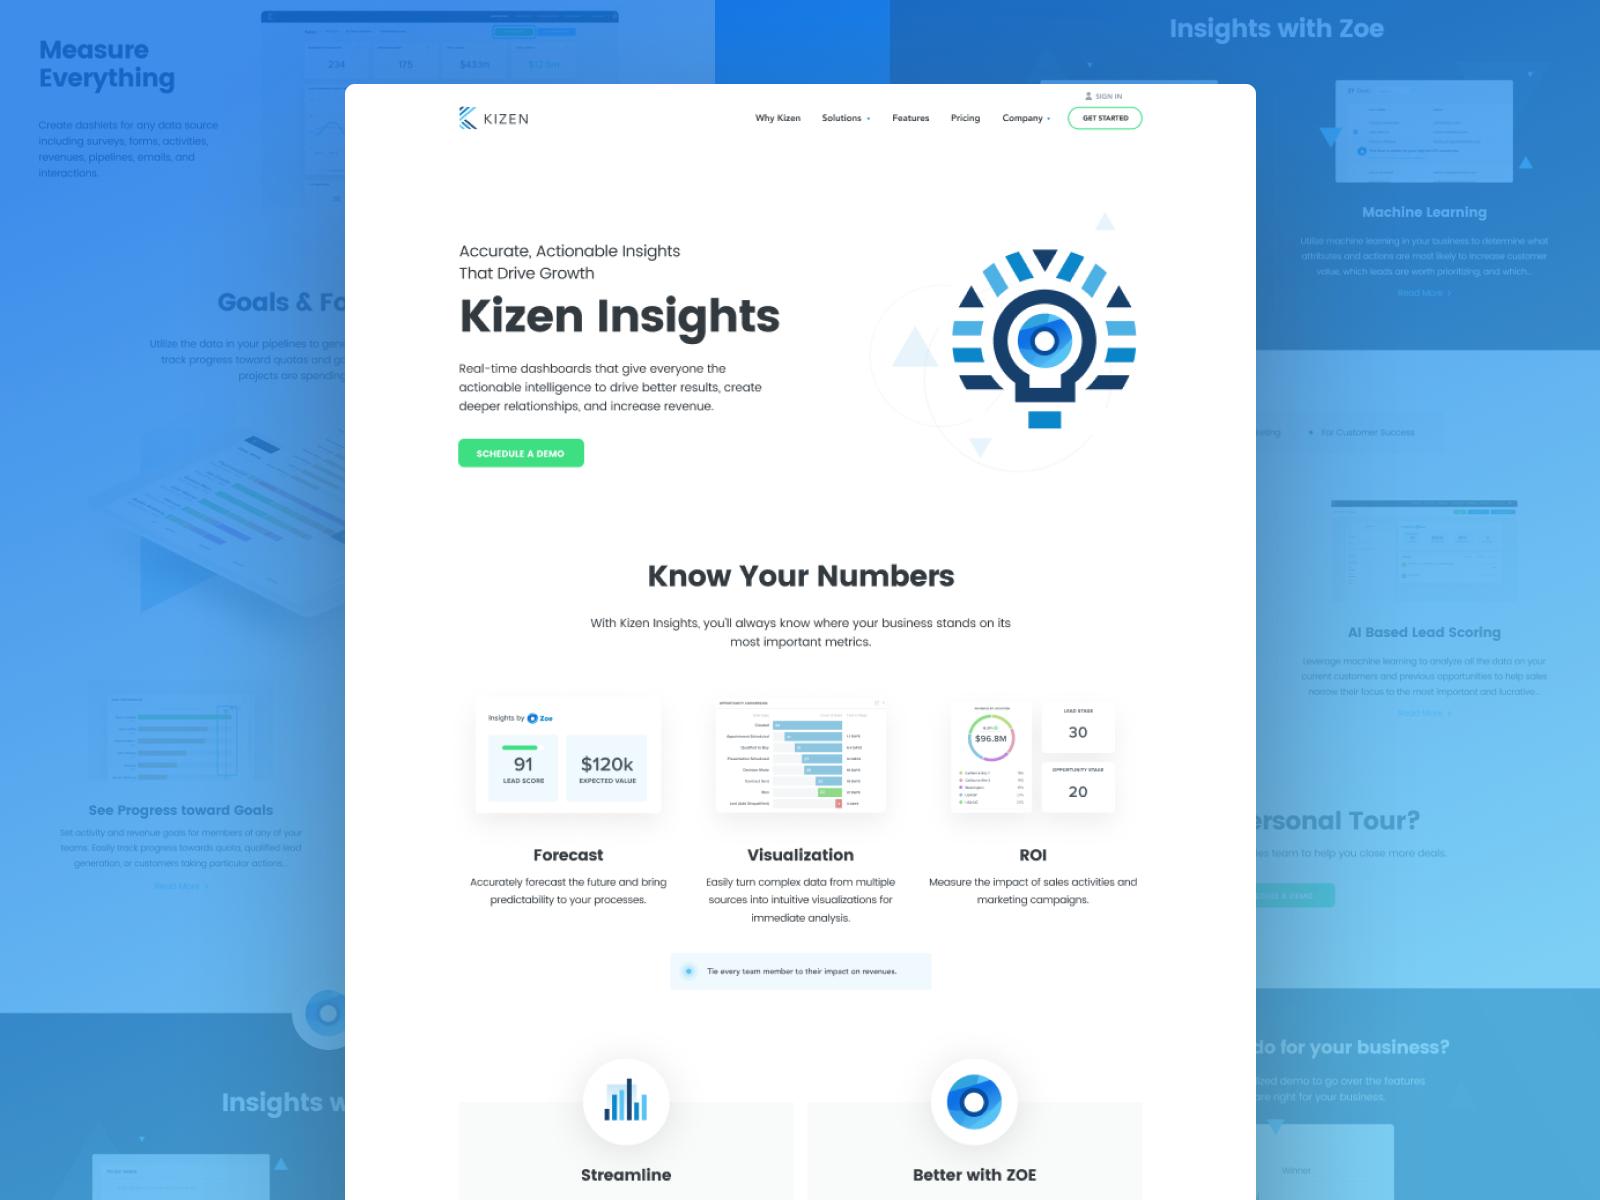 Kizen insights